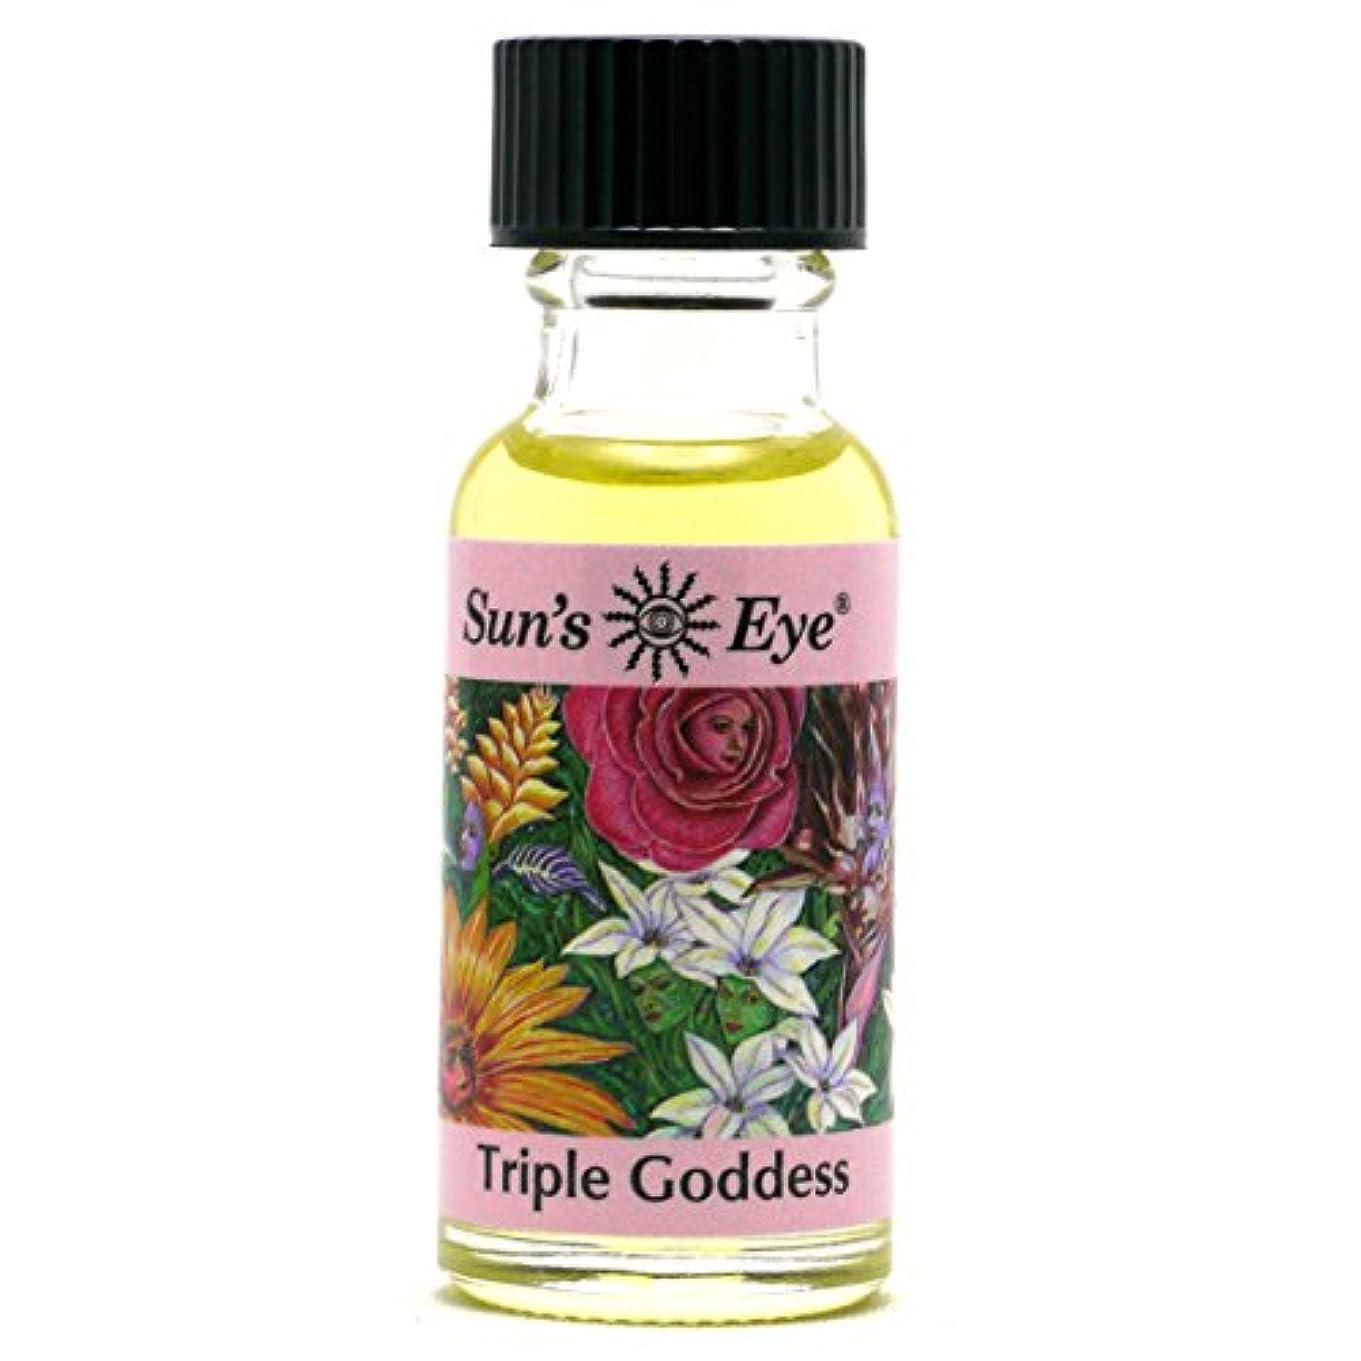 サーキュレーション福祉と組む【Sun'sEye】Specialty Oils(スペシャリティオイル)Triple Goddess Oil(トリプルゴッデス)